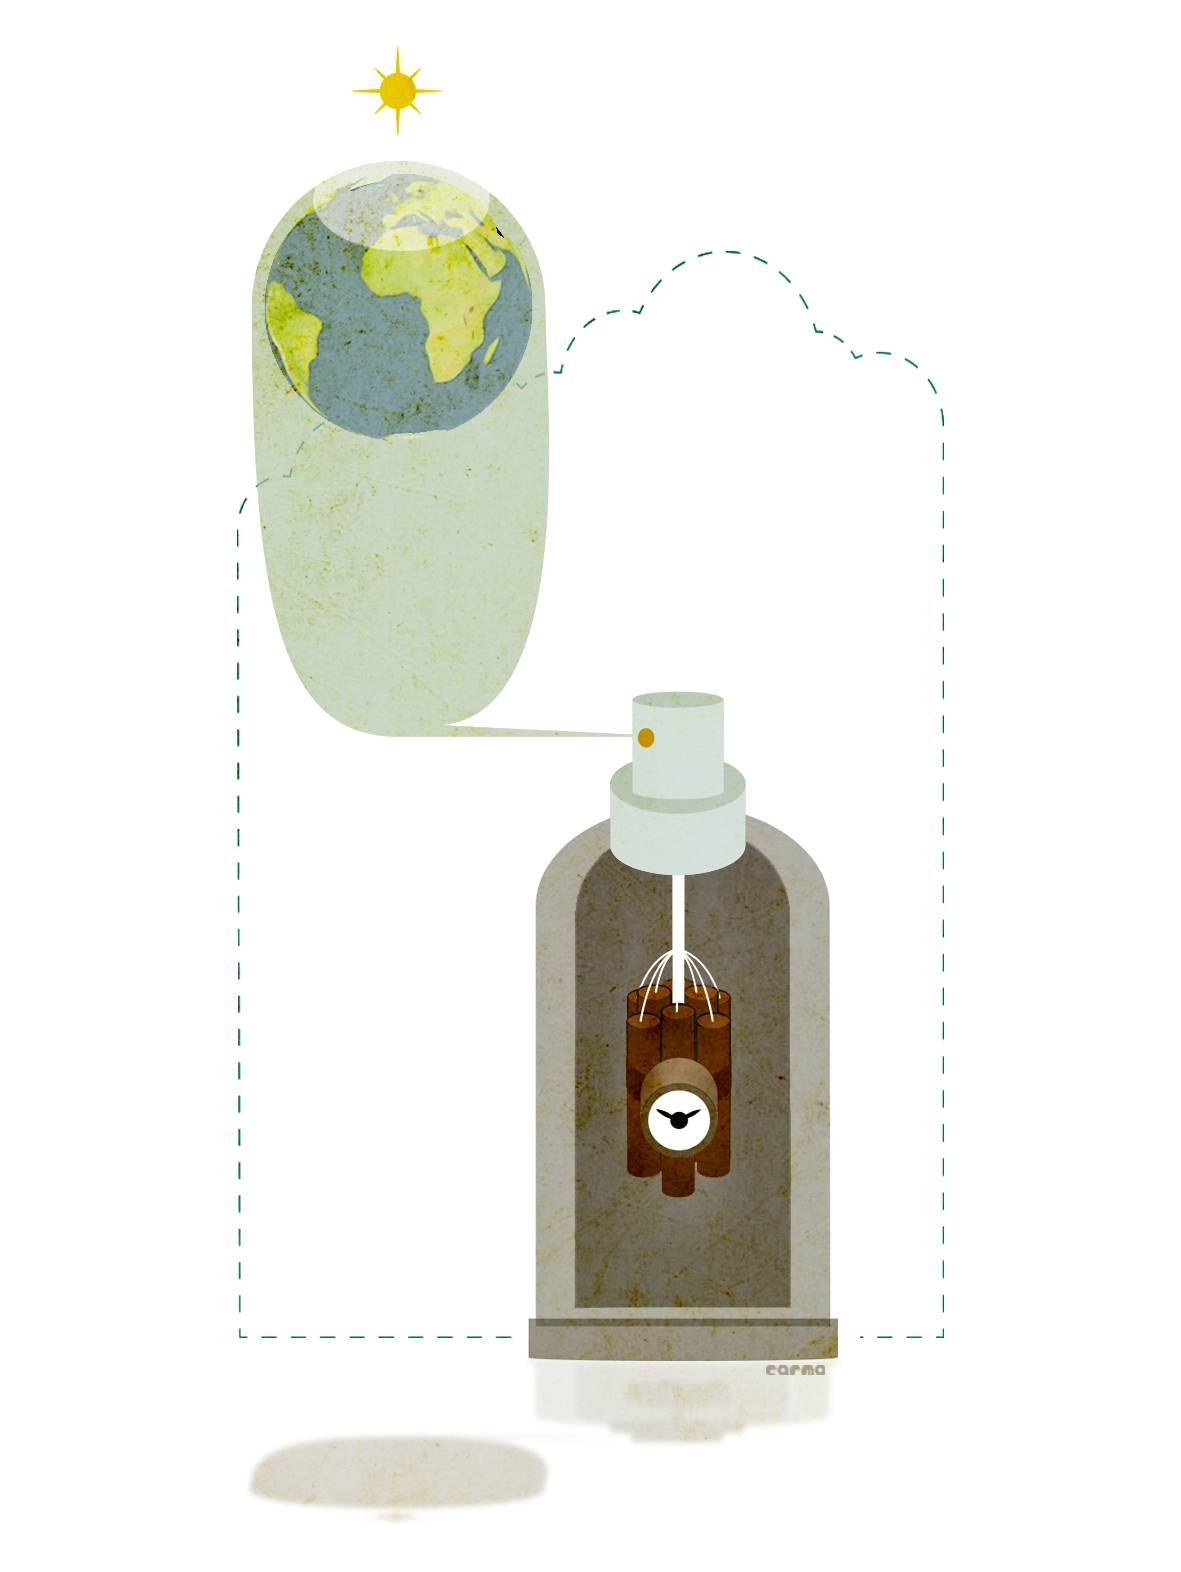 En 1978 Suecia prohíbe el uso de aerosoles para proteger la capa de ozono